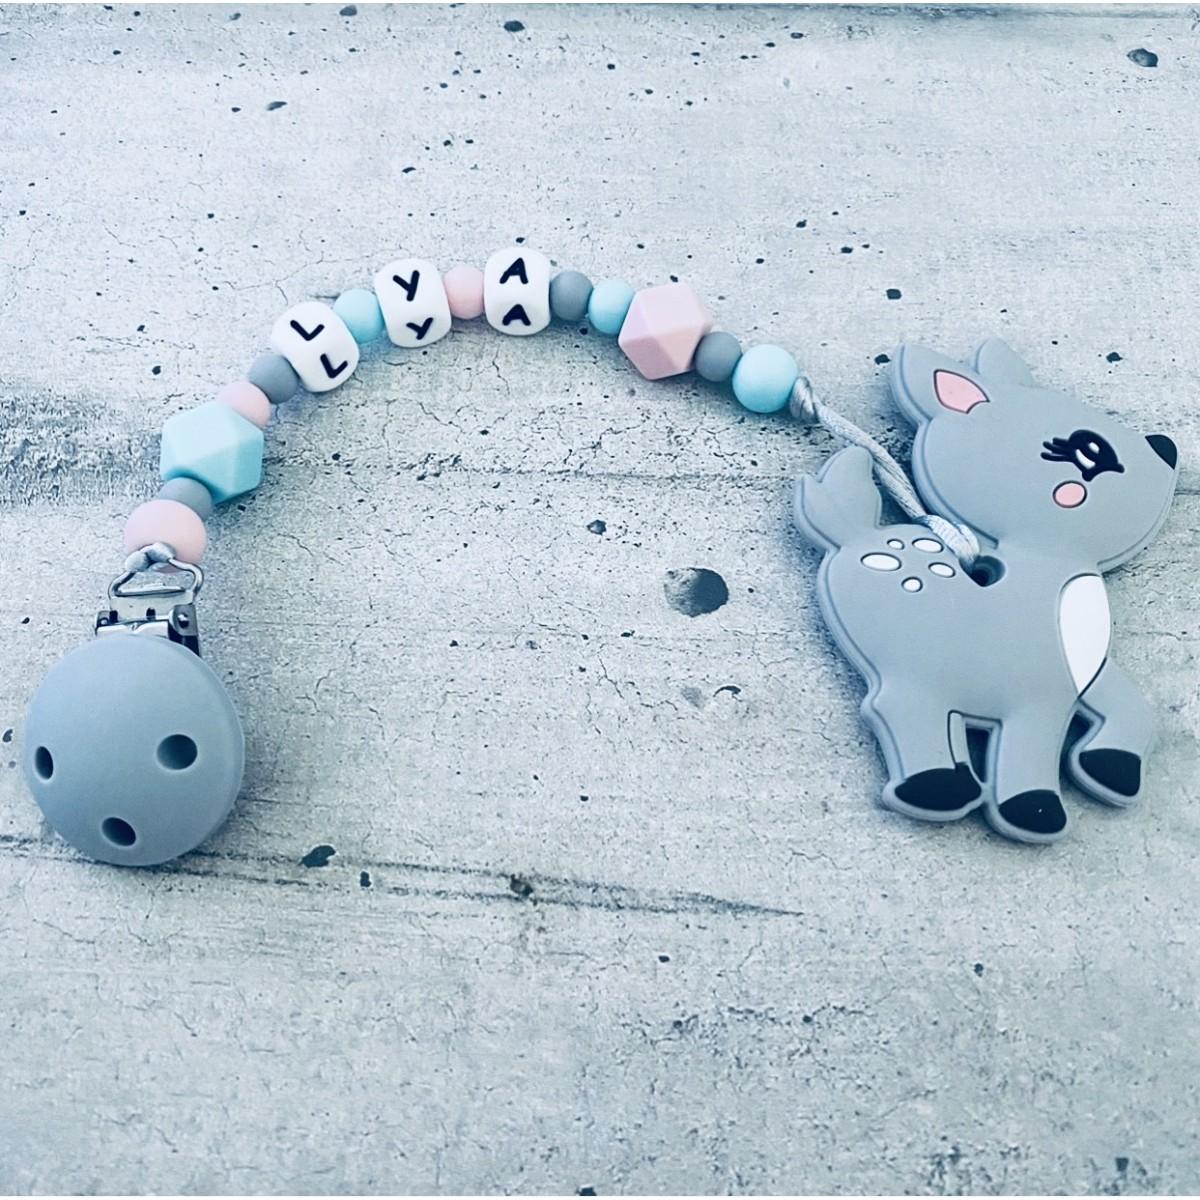 Attaches dentition personnalisées bébé fille garçon : Mickey, flamant rose, koala, licorne, renard, tortue, pingouin, lapin, girafe, hérisson... Créez l'attache dentition personnalisée avec des perles en silicone, confectionnée à la main à Montpellier.